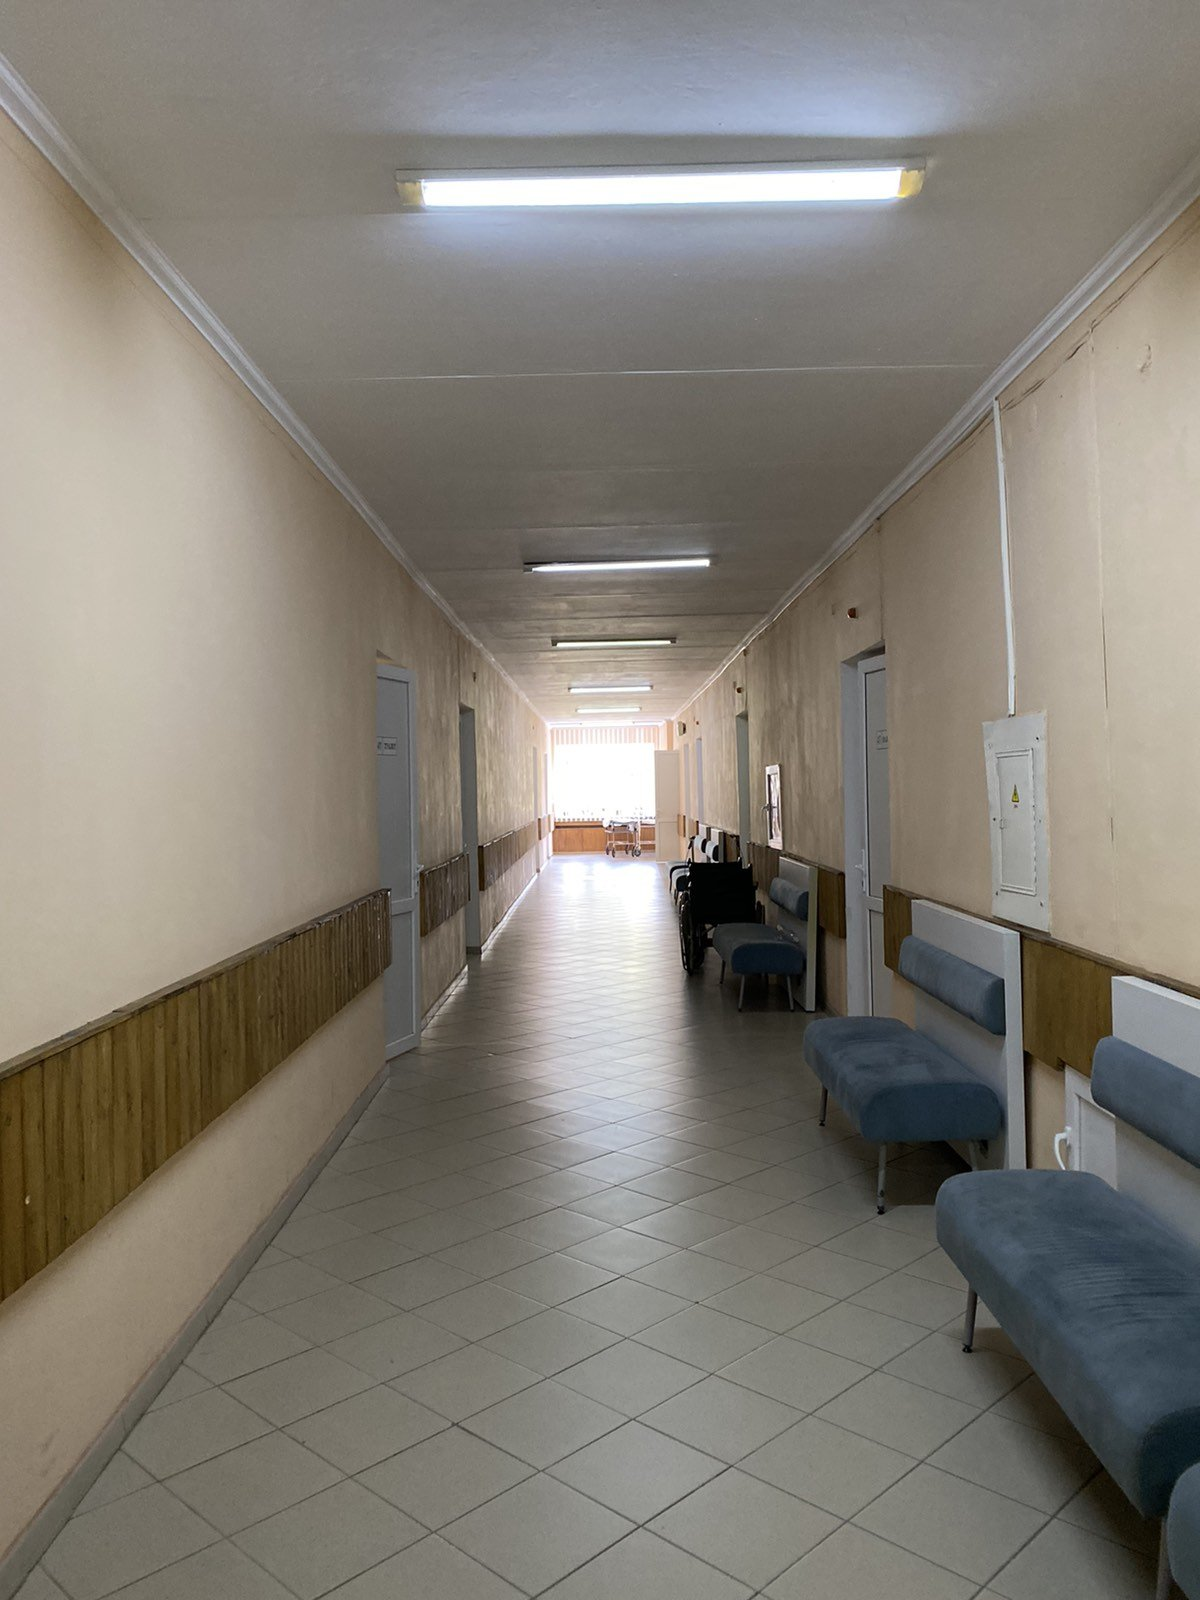 Приватні клініки та медичні центри Львова, фото-159